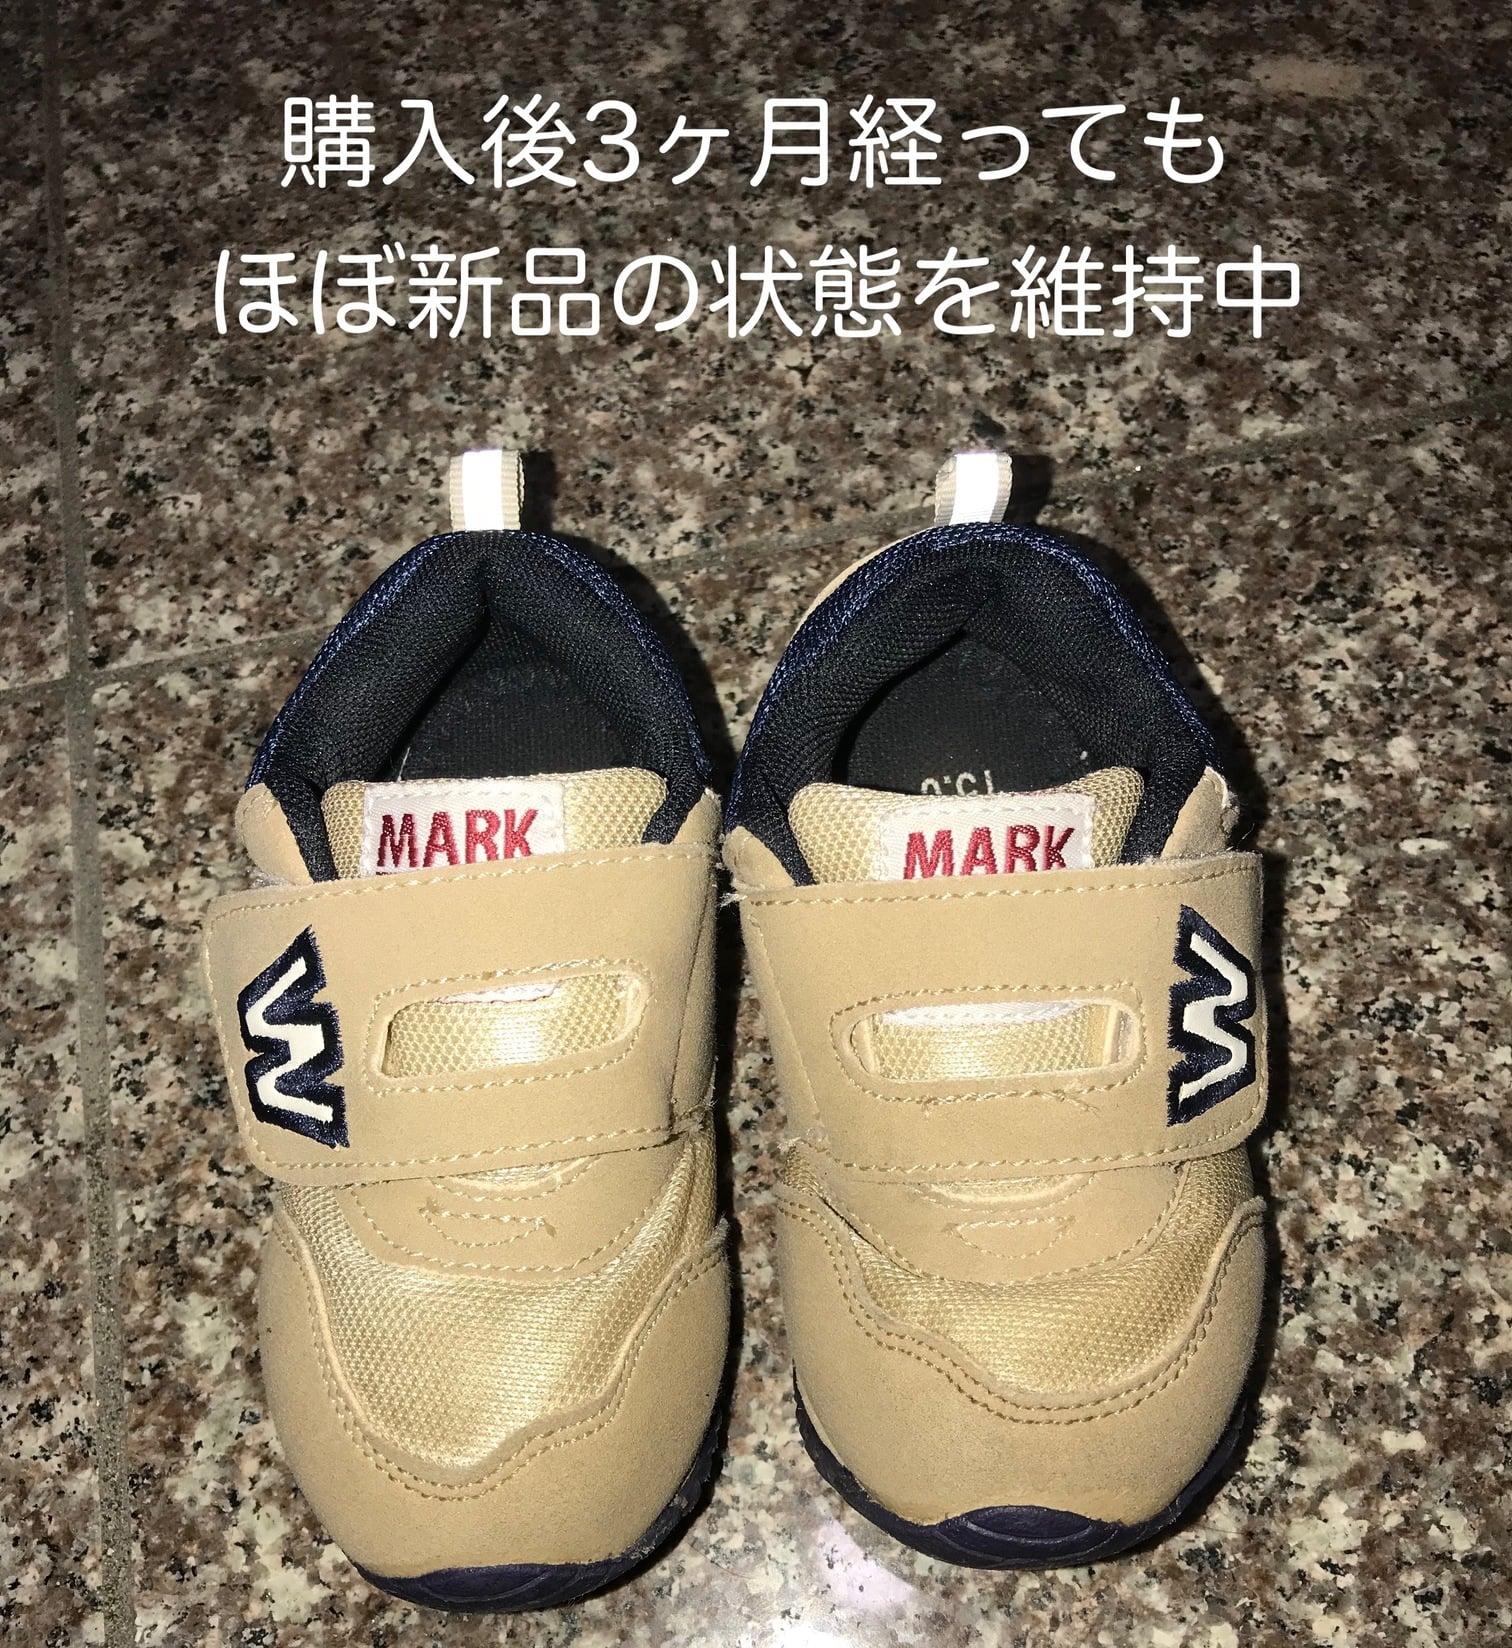 西松屋の靴